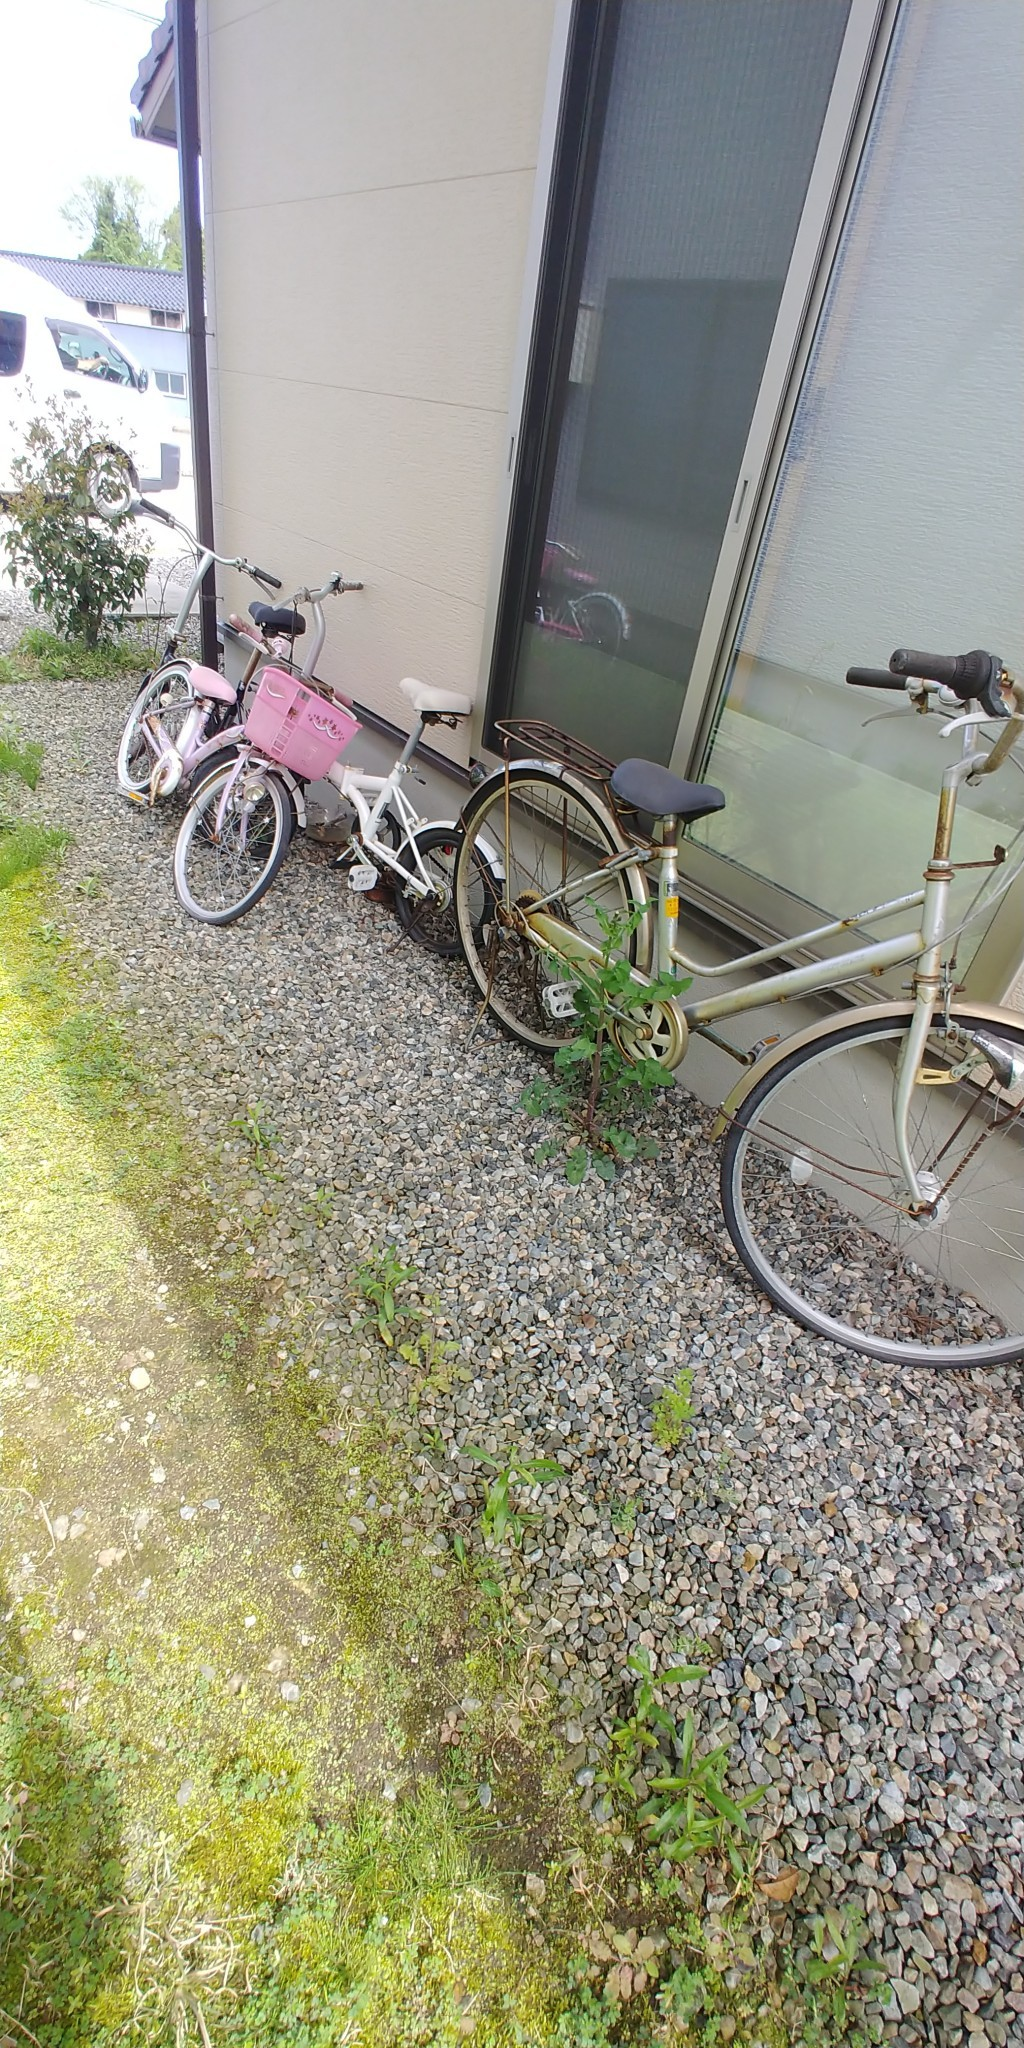 【砺波市】自転車やベッドなど大型家具回収・処分ご依頼 お客様の声